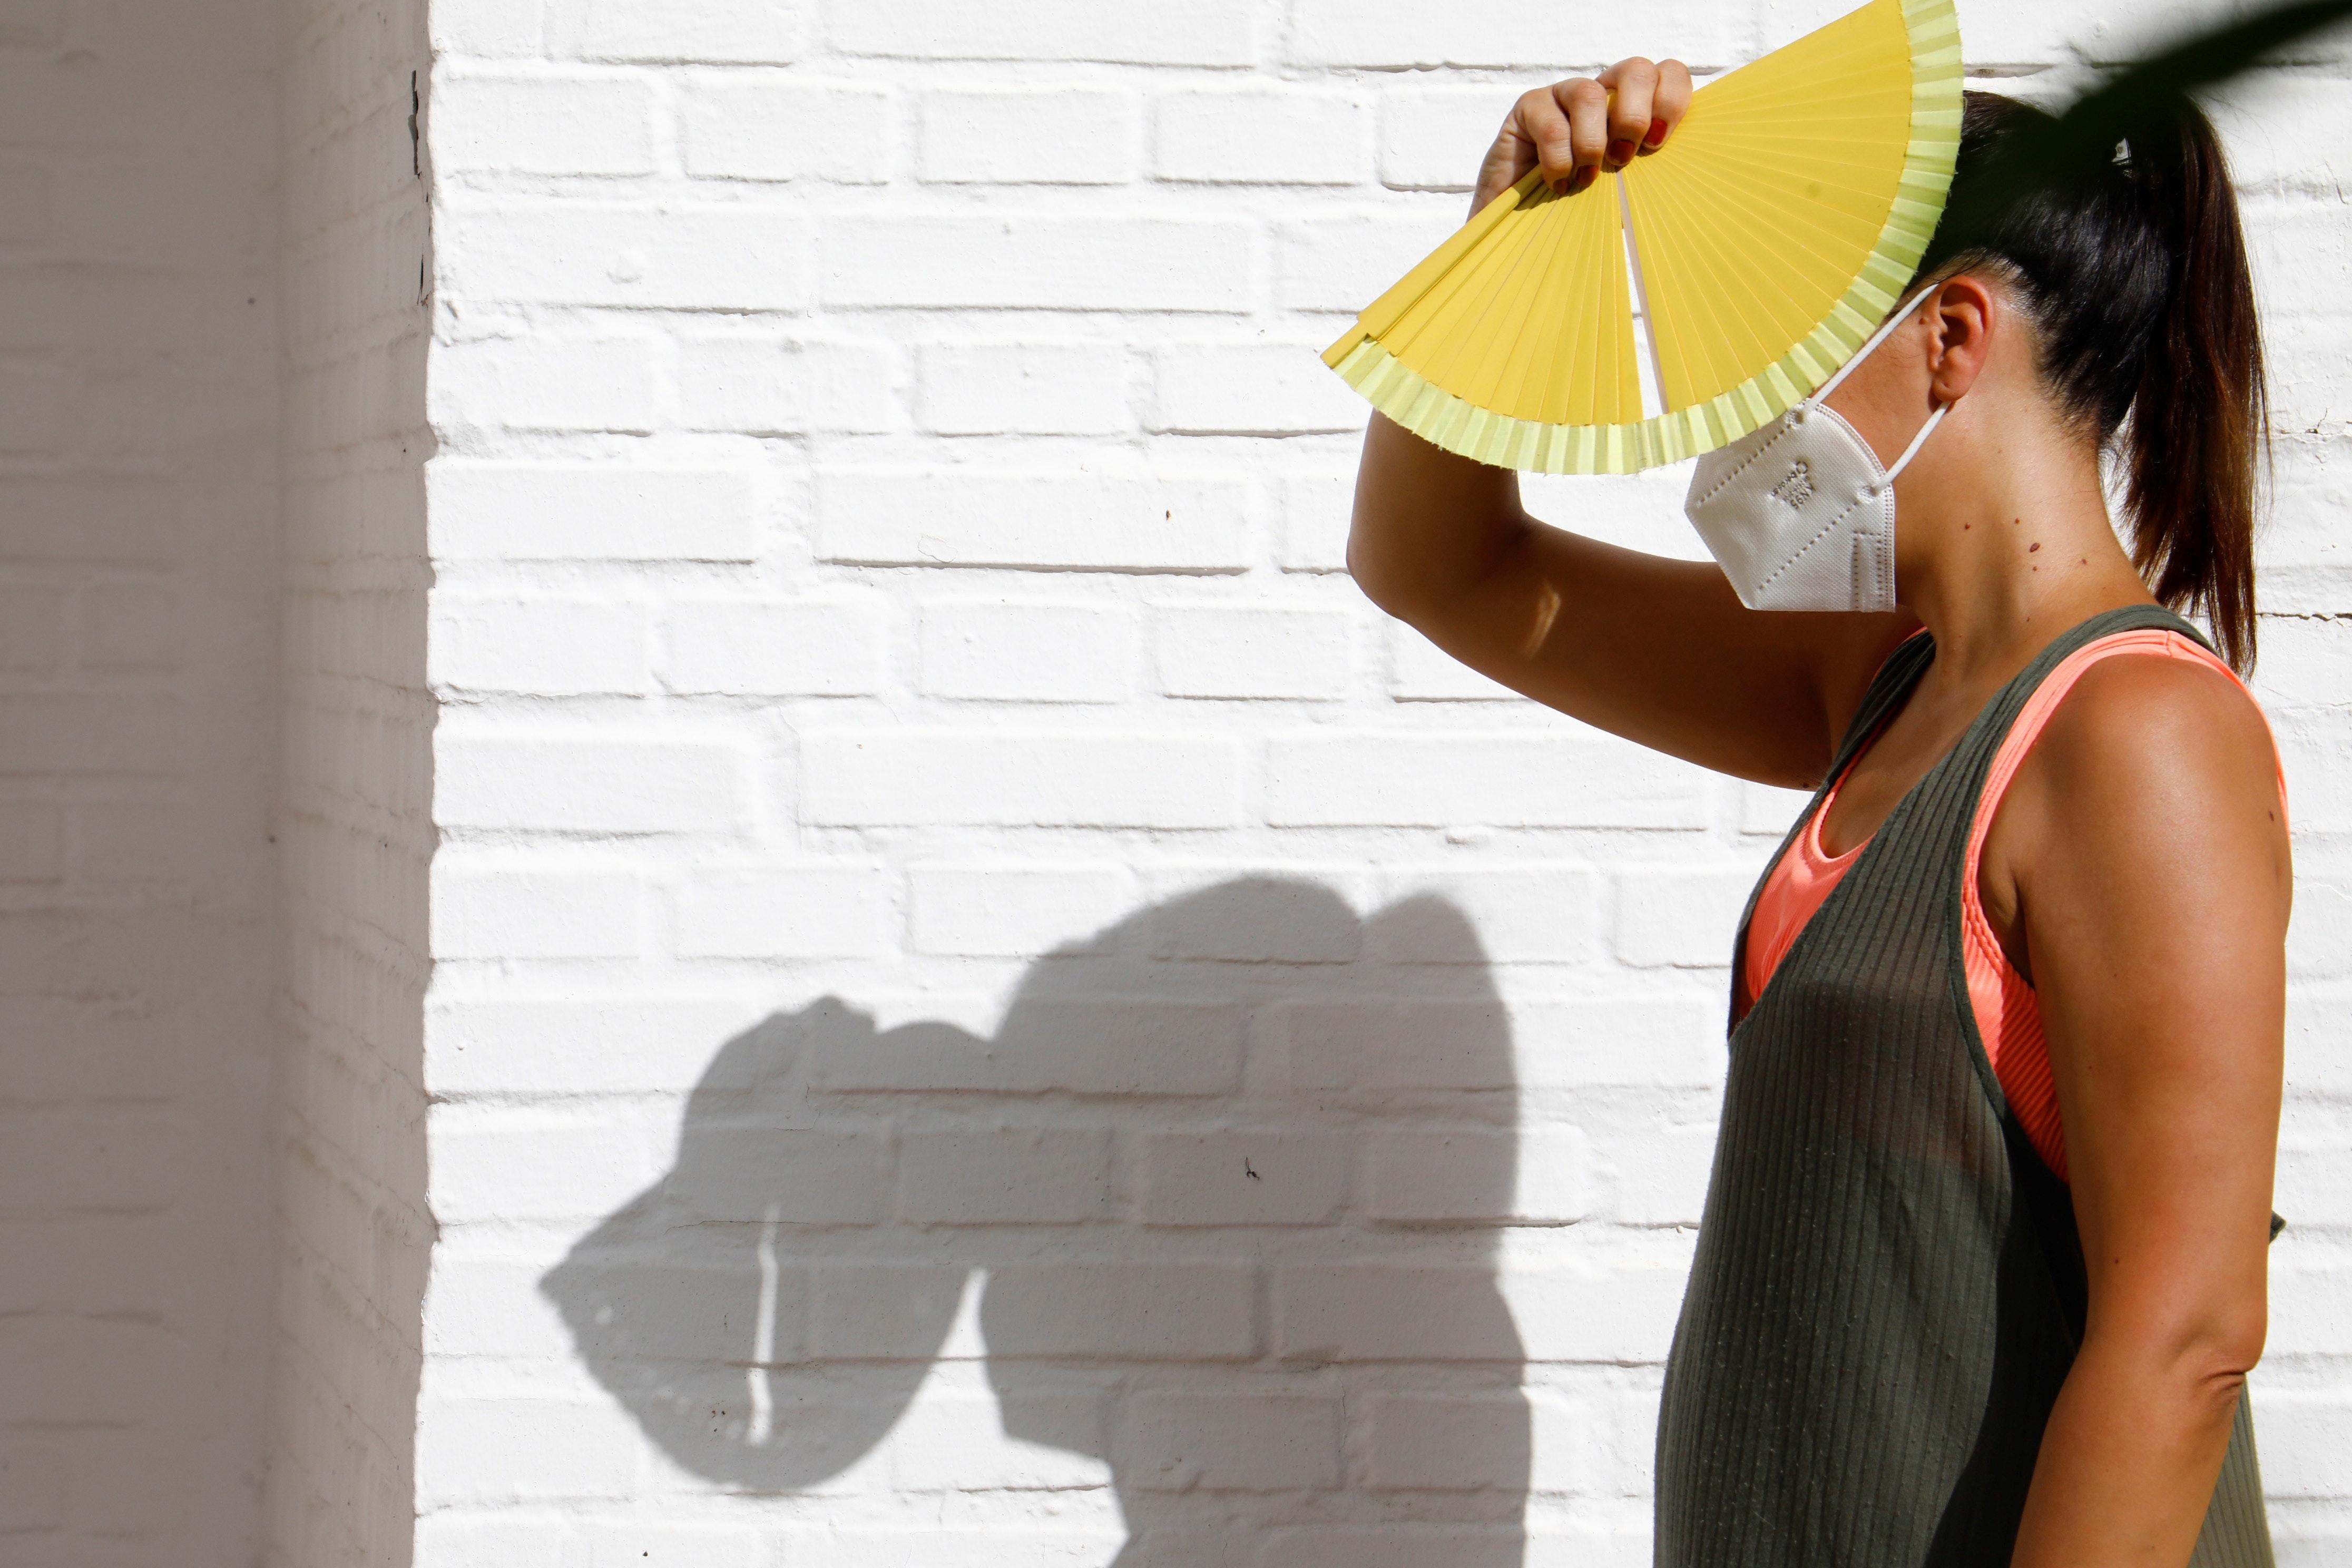 Hafta sonu planı yapmak isteyenlere müjde! Sıcak ve güneşli bir yaz günü sizleri bekliyor | 10 Temmuz Cumartesi hava durumu